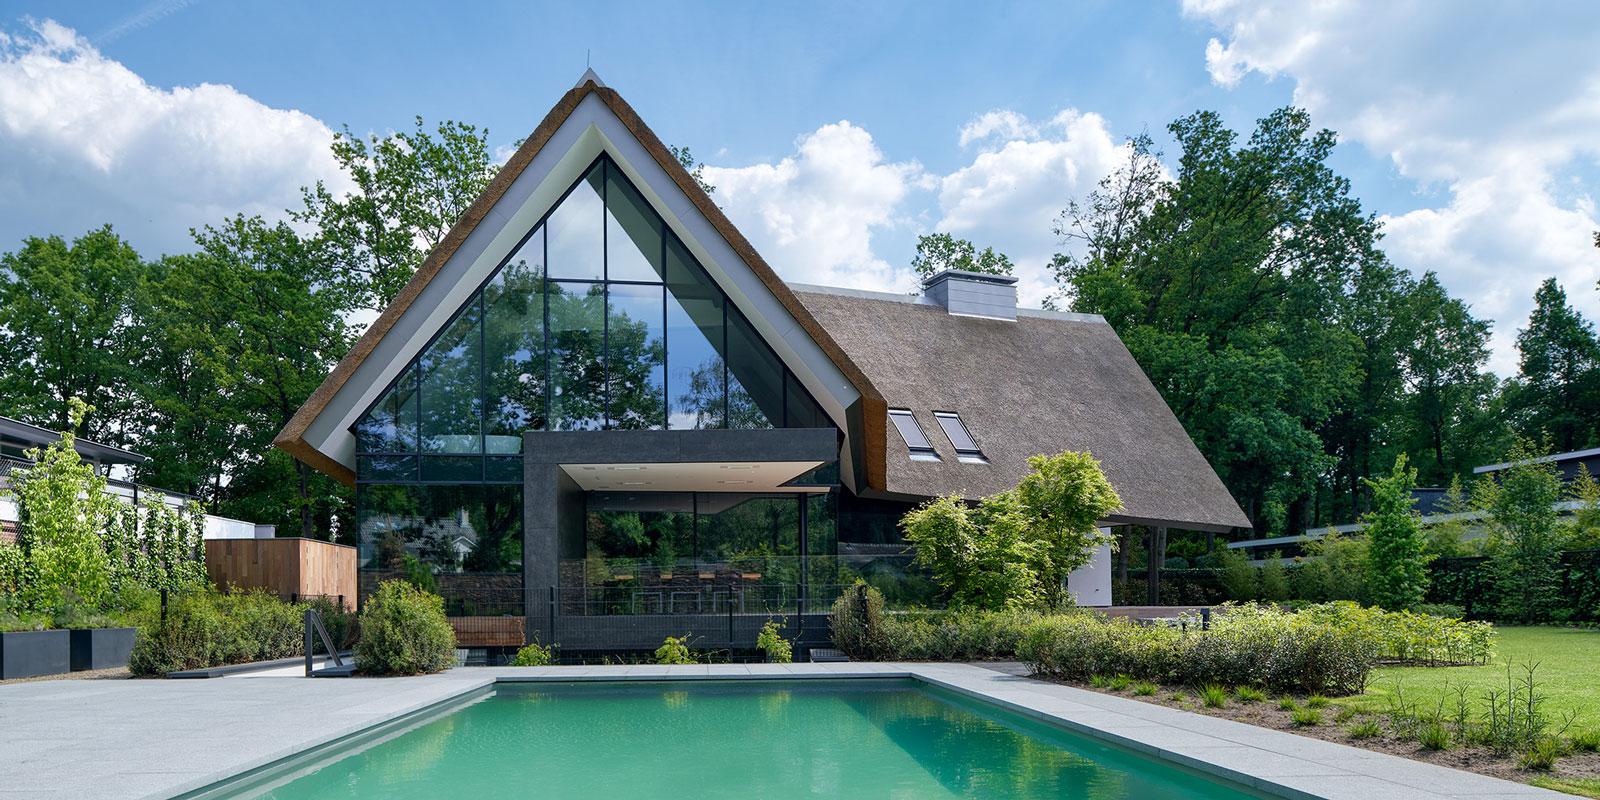 Landelijke Villa, Van Dinther Bouwbedrijf, Gevelbekleding, Eyecatcher, zwembad,